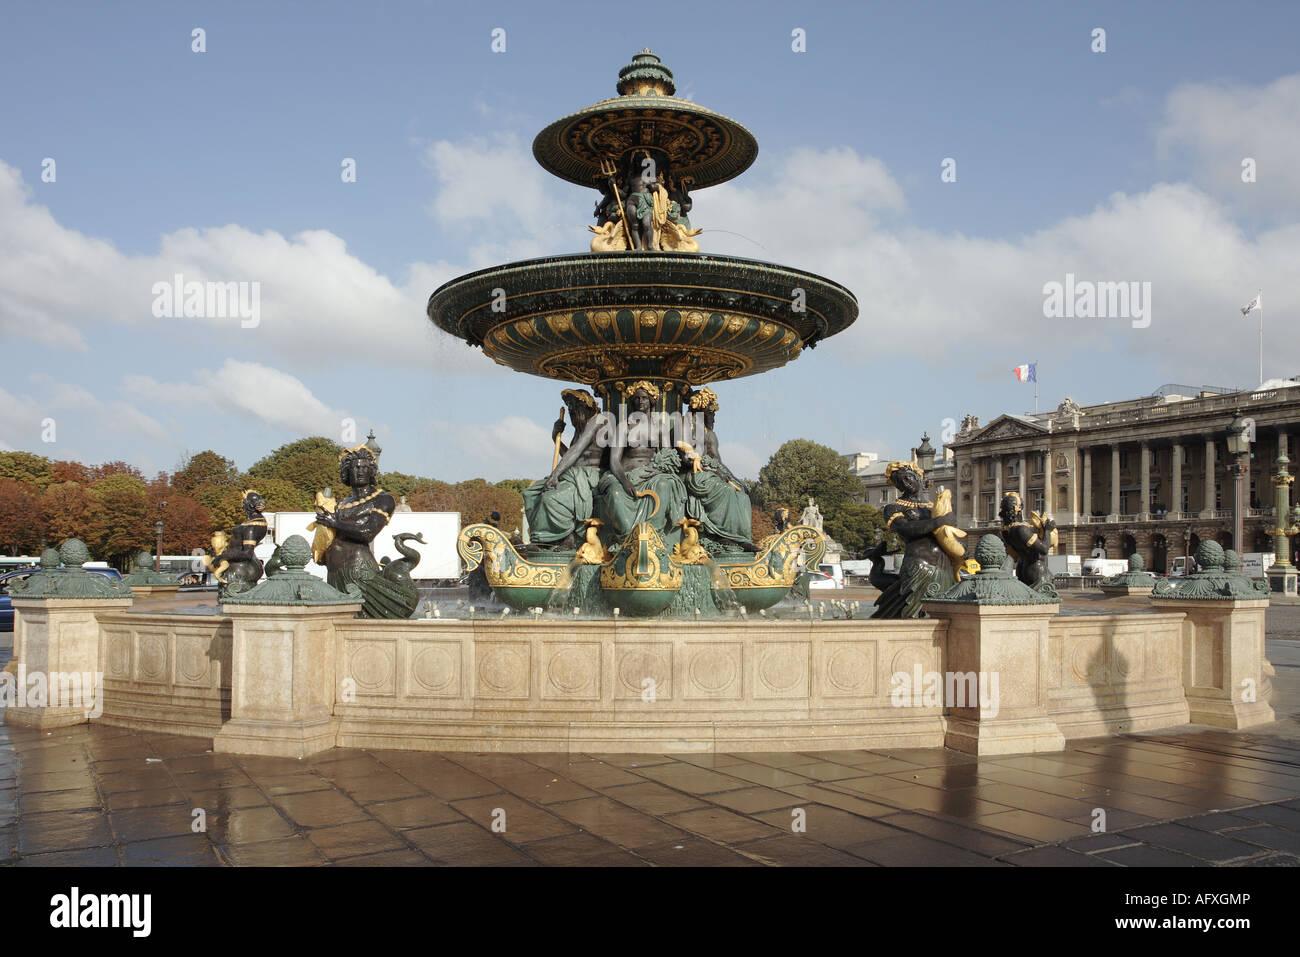 place de la concorde la fontaine des mers paris france fountain stock photo royalty free. Black Bedroom Furniture Sets. Home Design Ideas